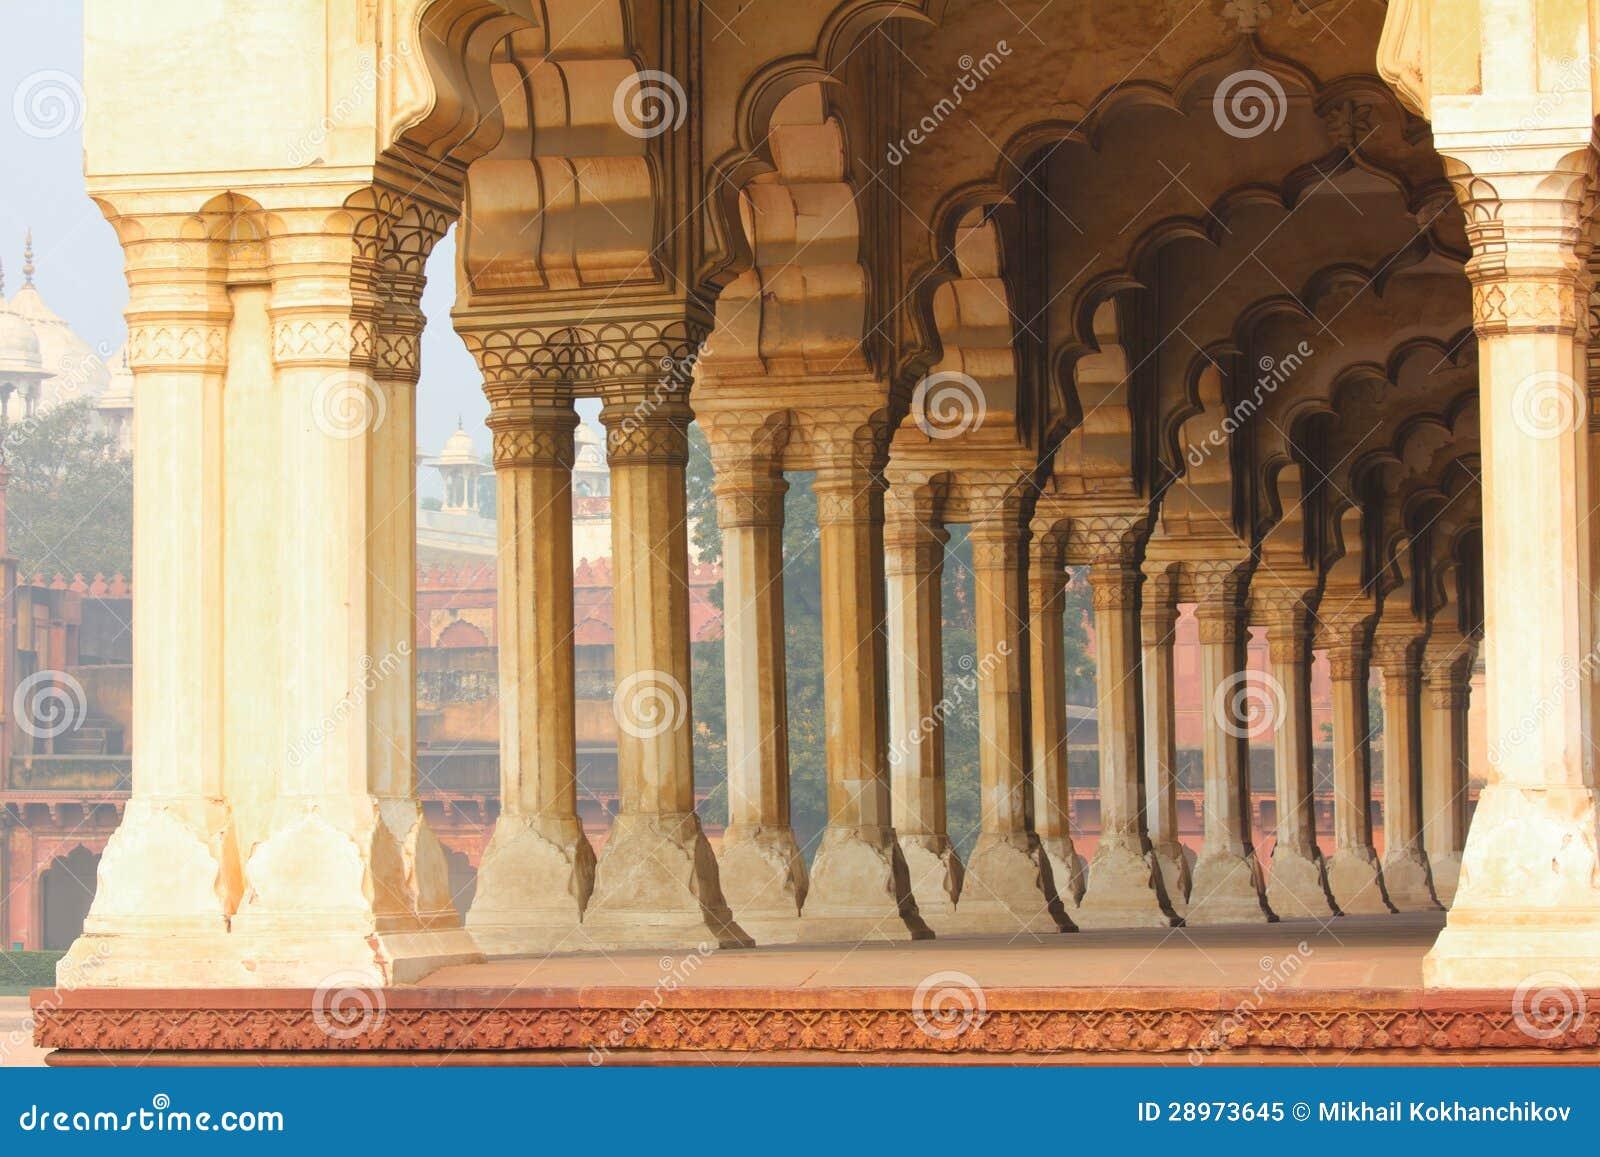 Kolumny w pałac - Agra fort